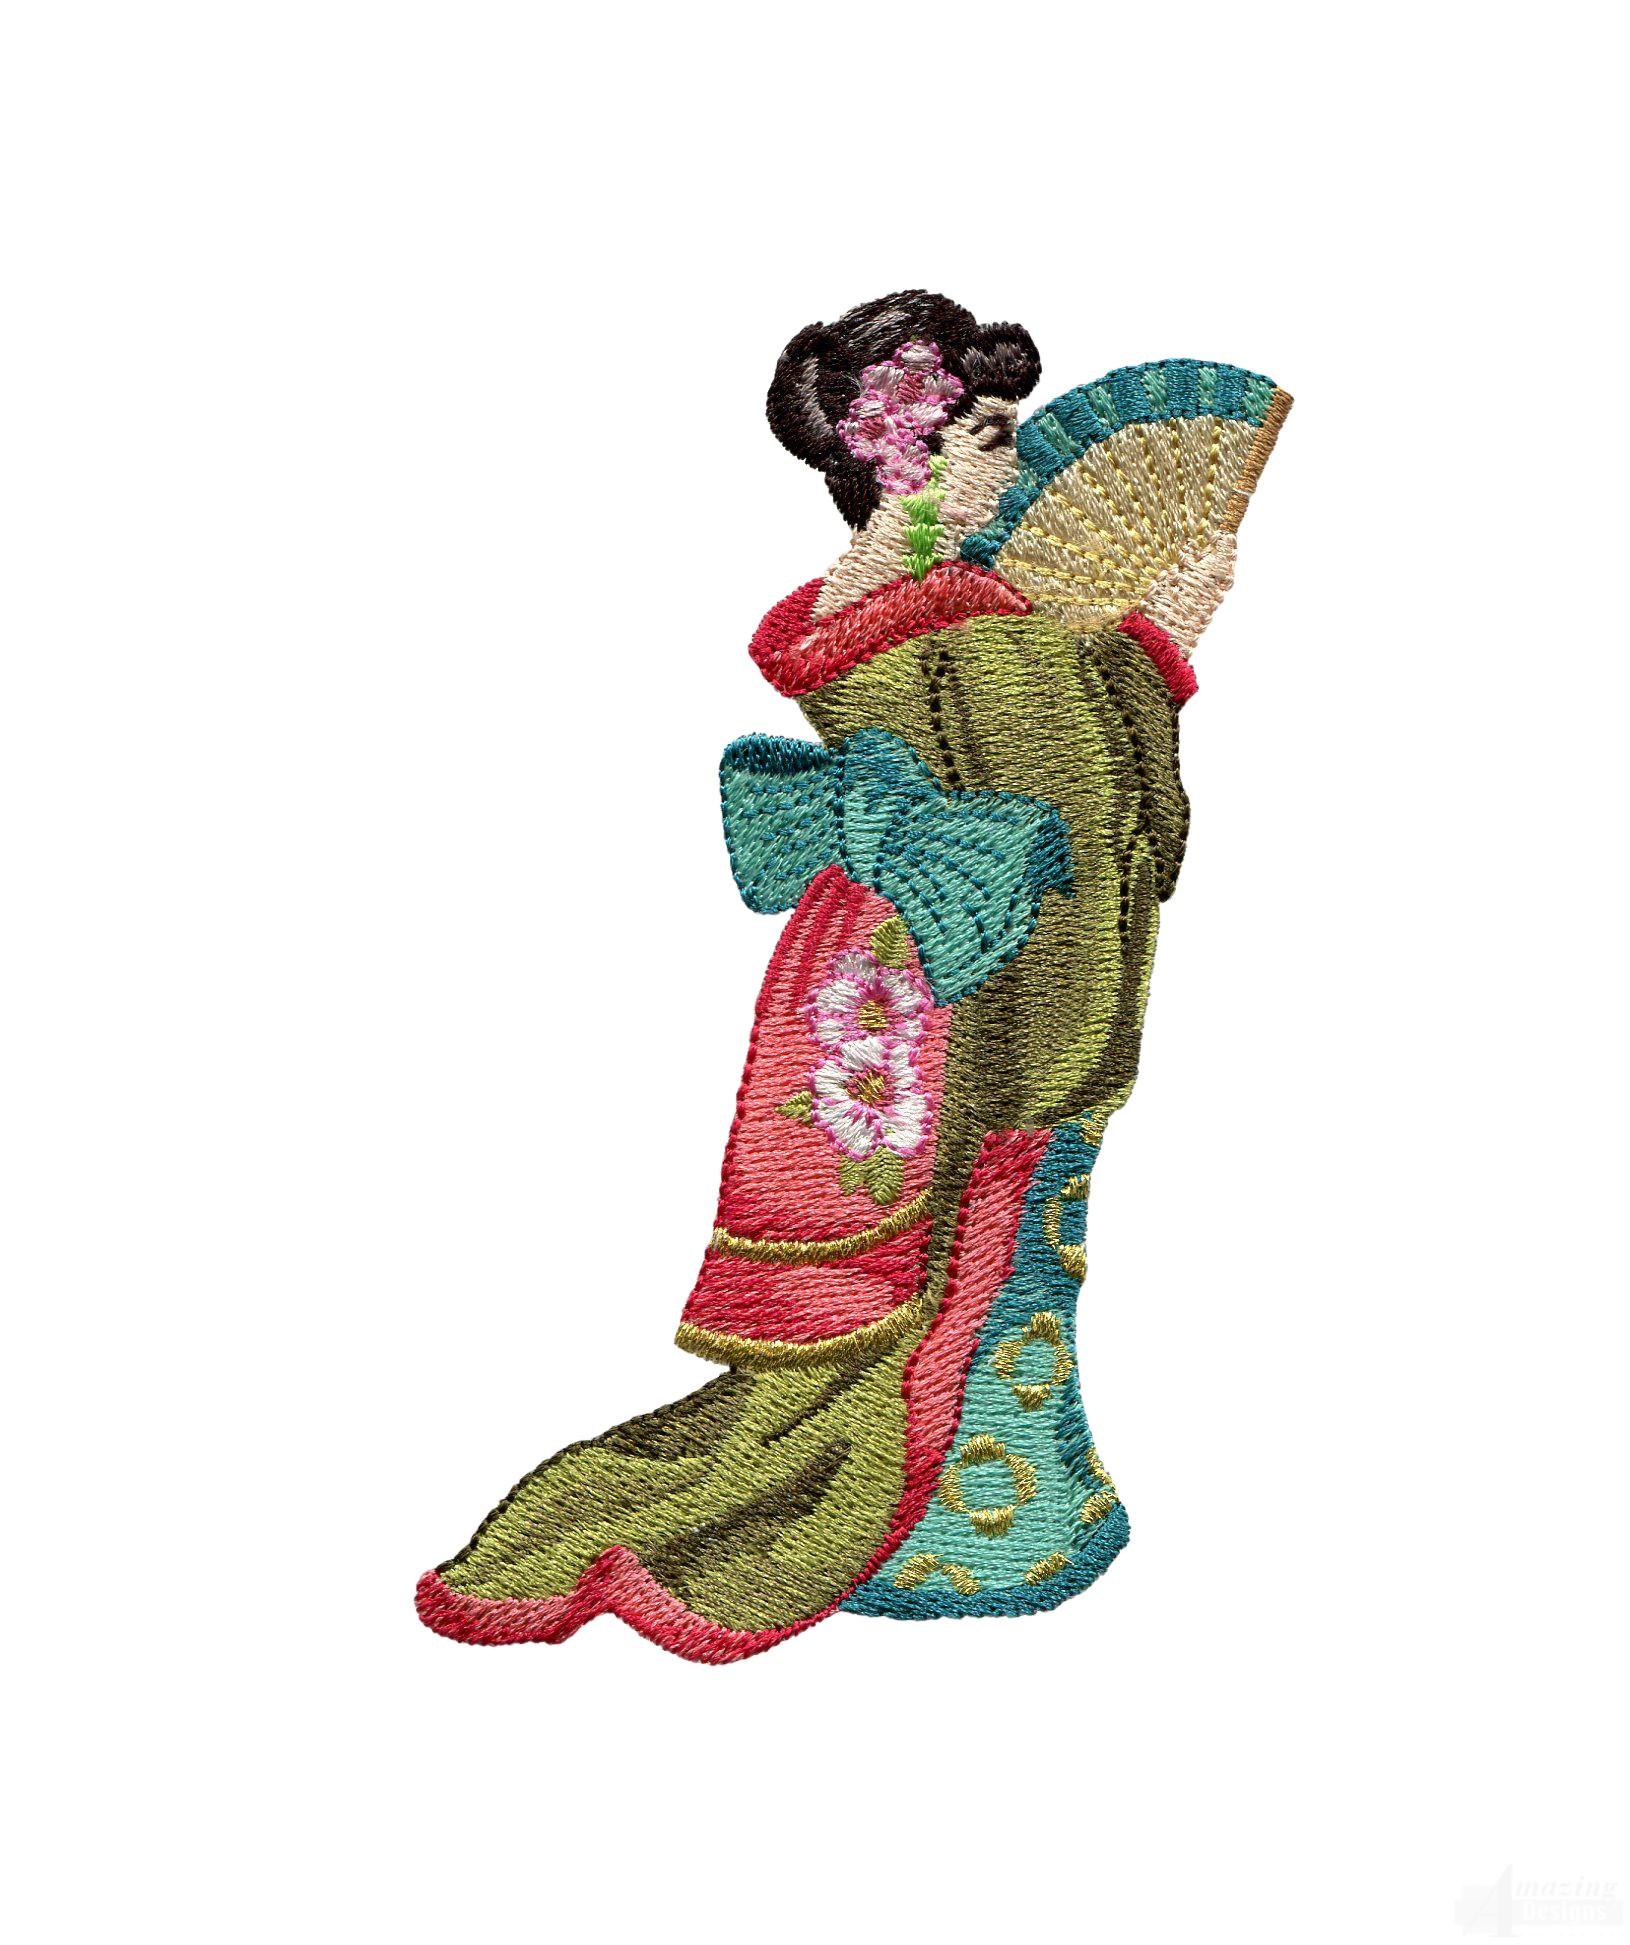 Swngg134 a geishas garden embroidery design for Garden embroidery designs